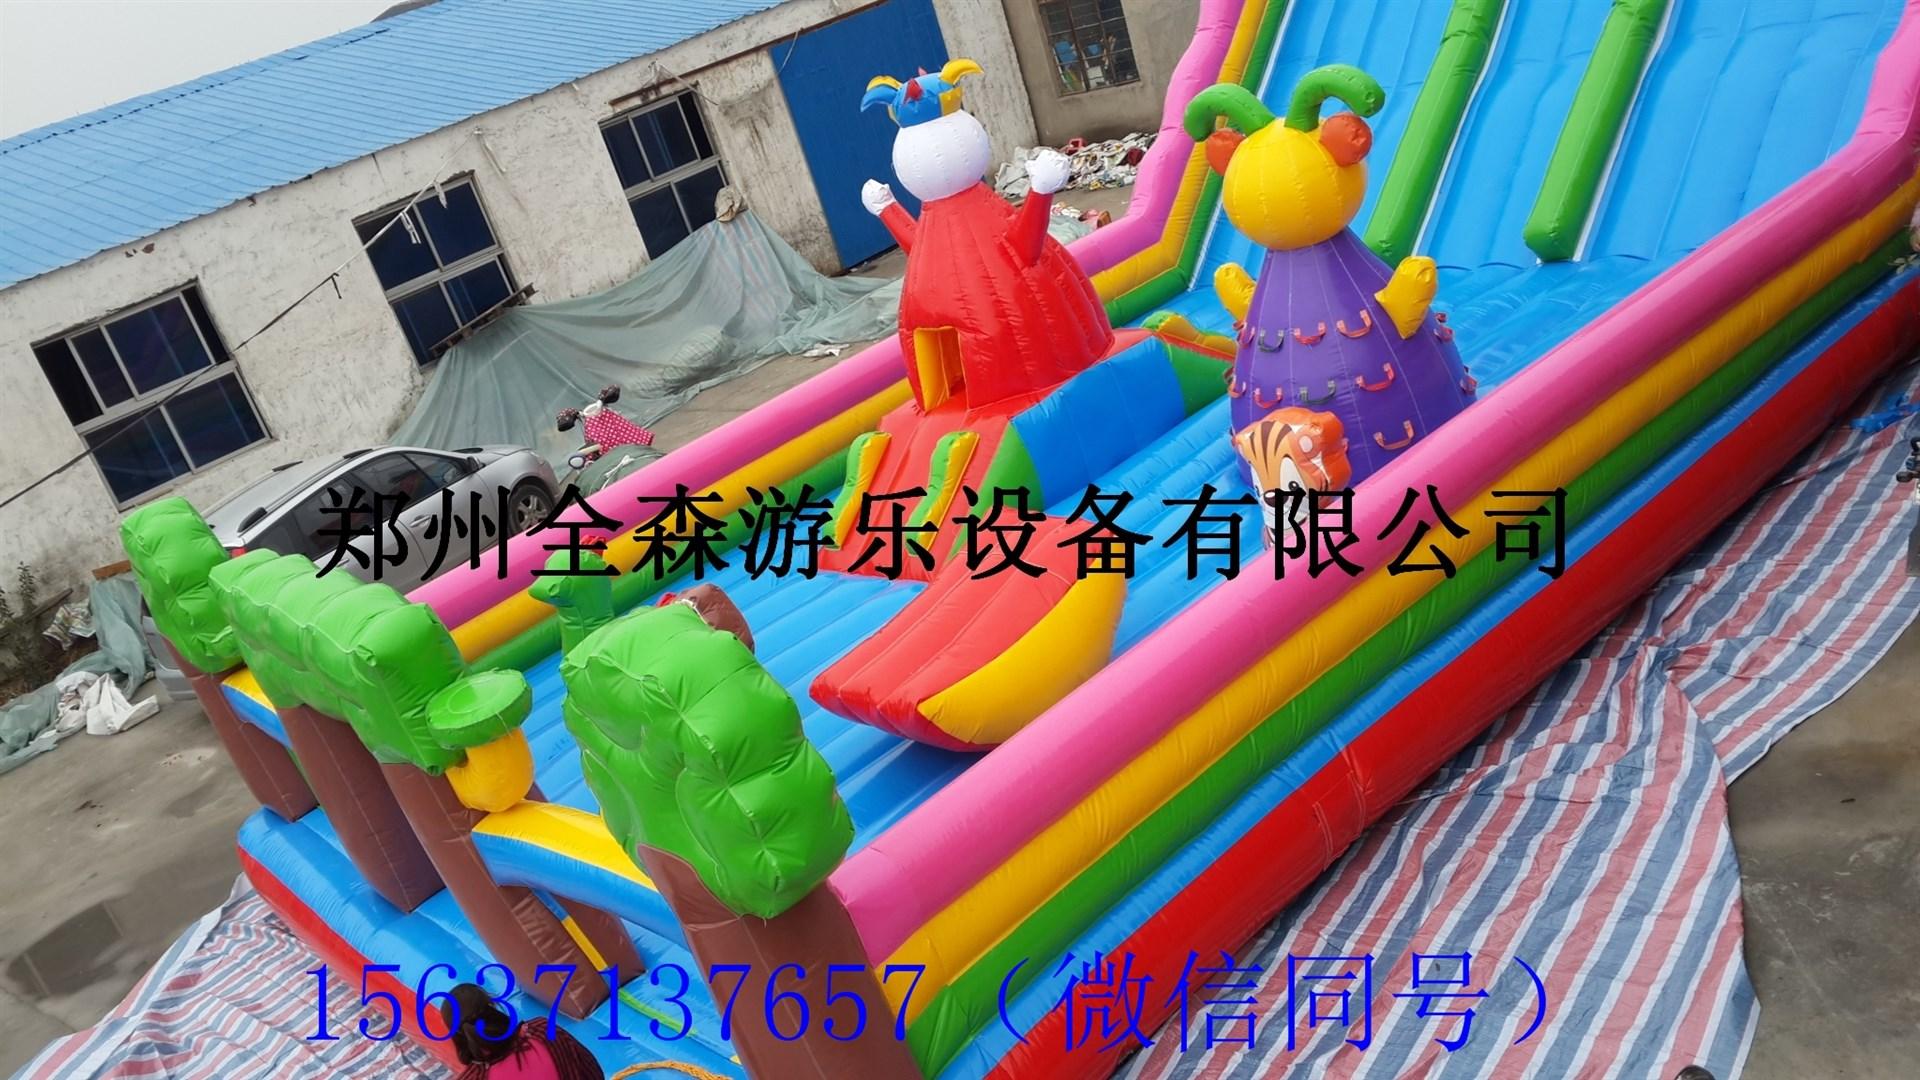 儿童广场大滑梯,充气城堡,充气包,大小可定制,厂家直销